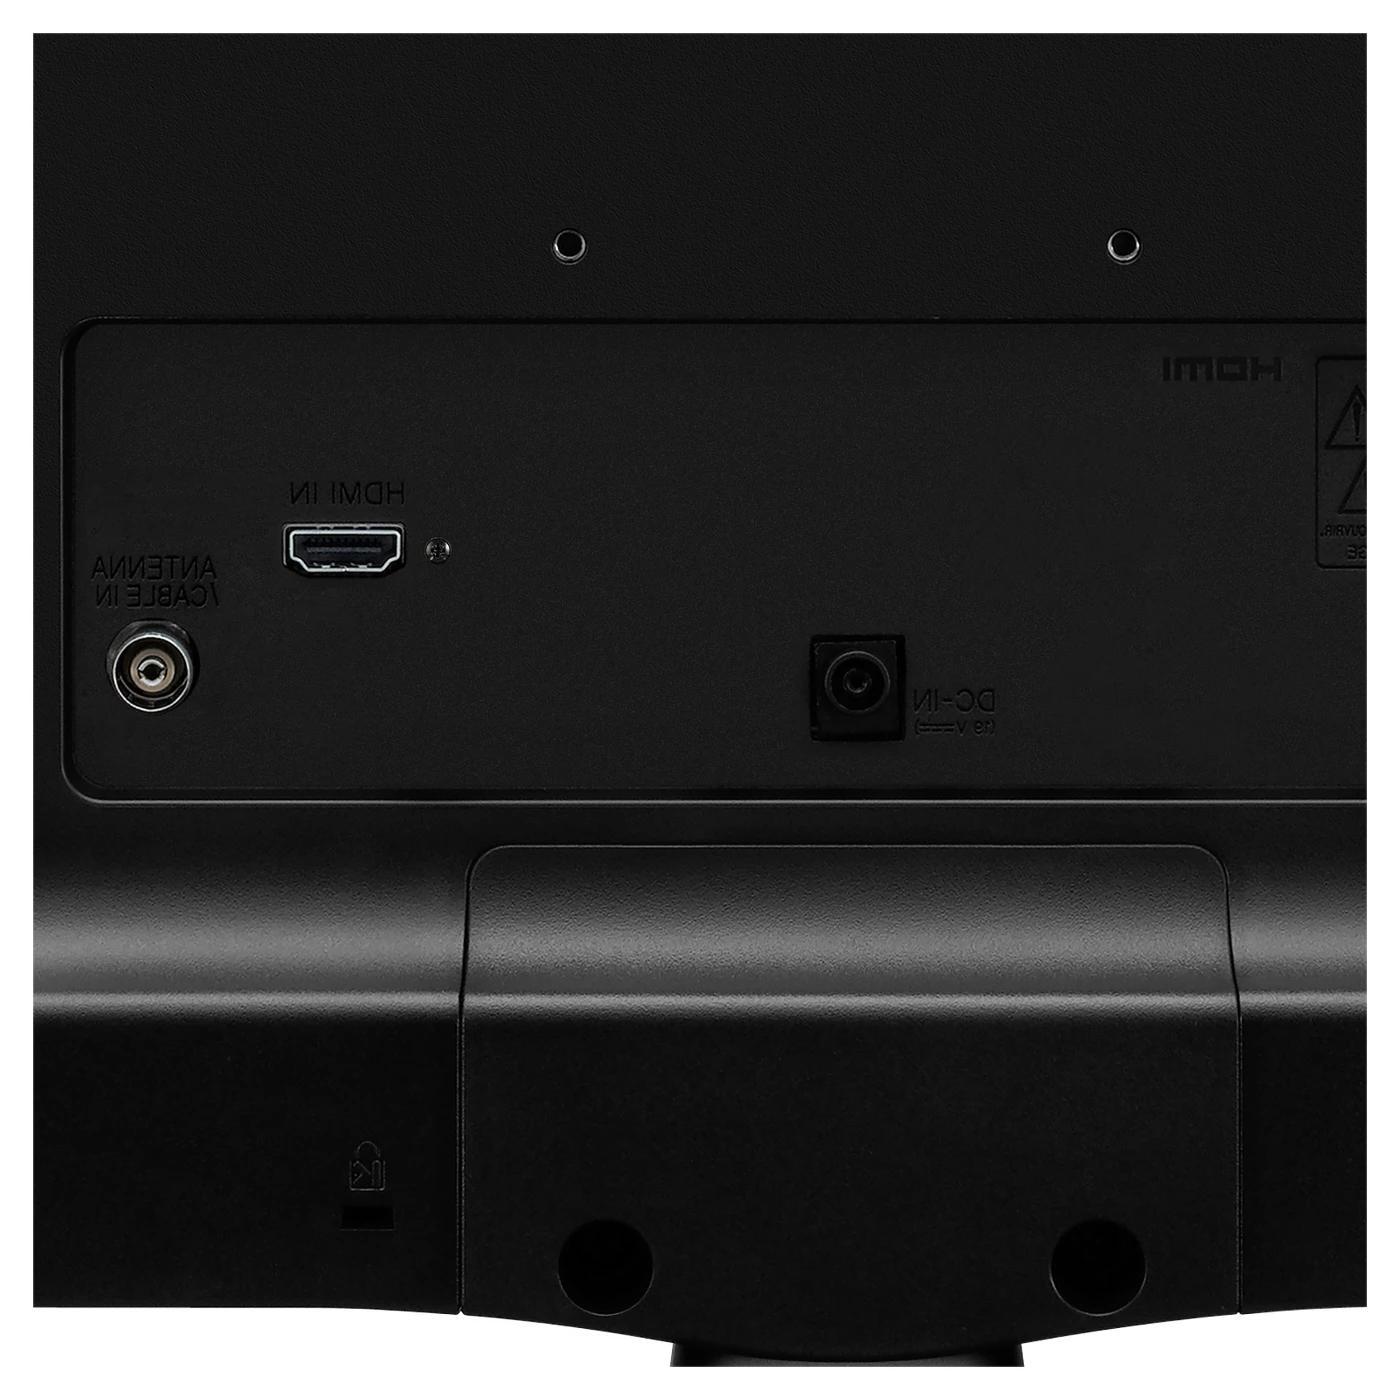 LG 720p HD